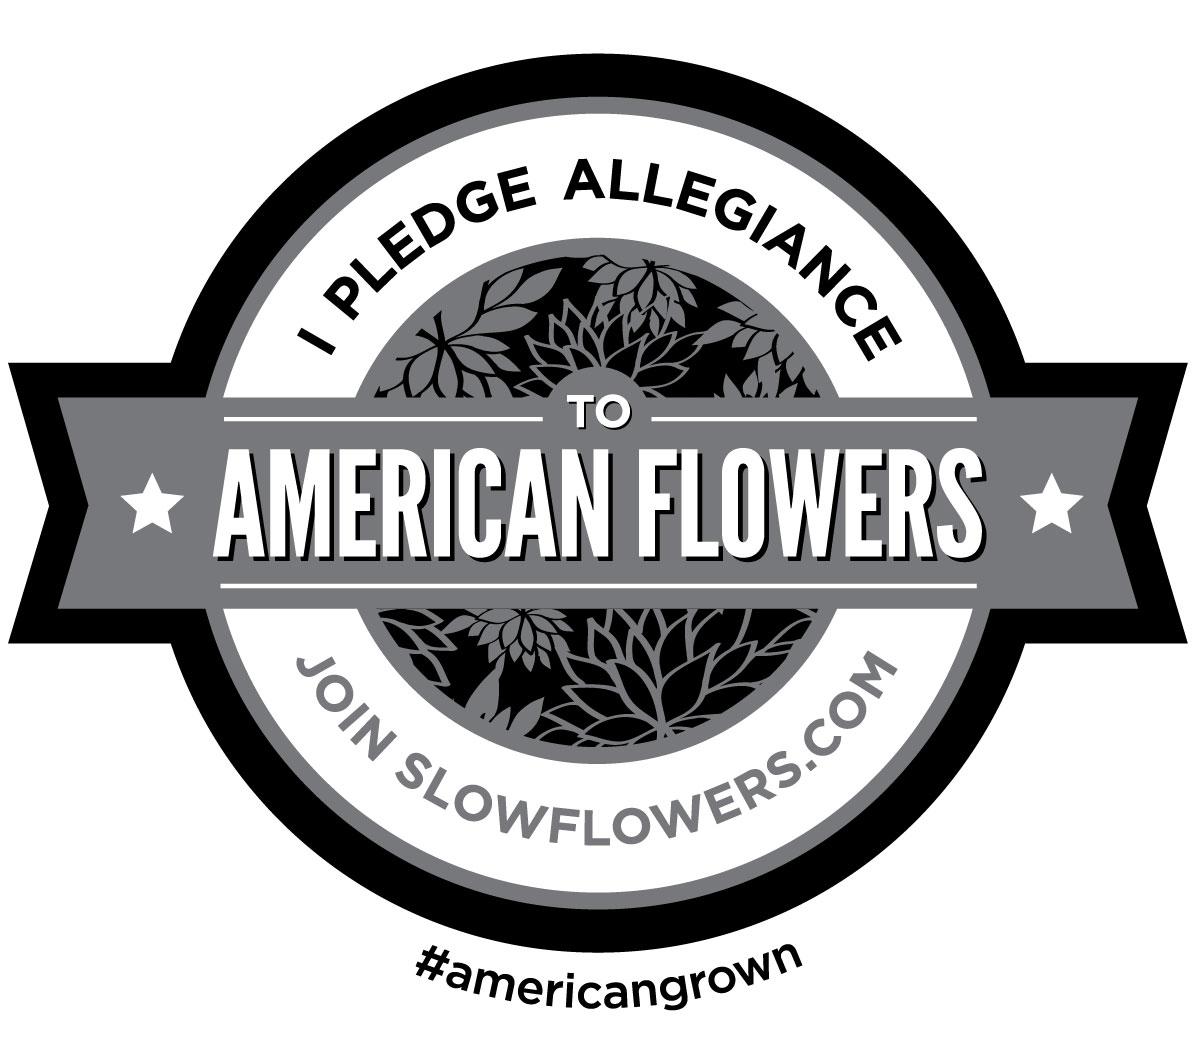 slowflowers_badge_2_bw_lrg_13983326811_o.jpg